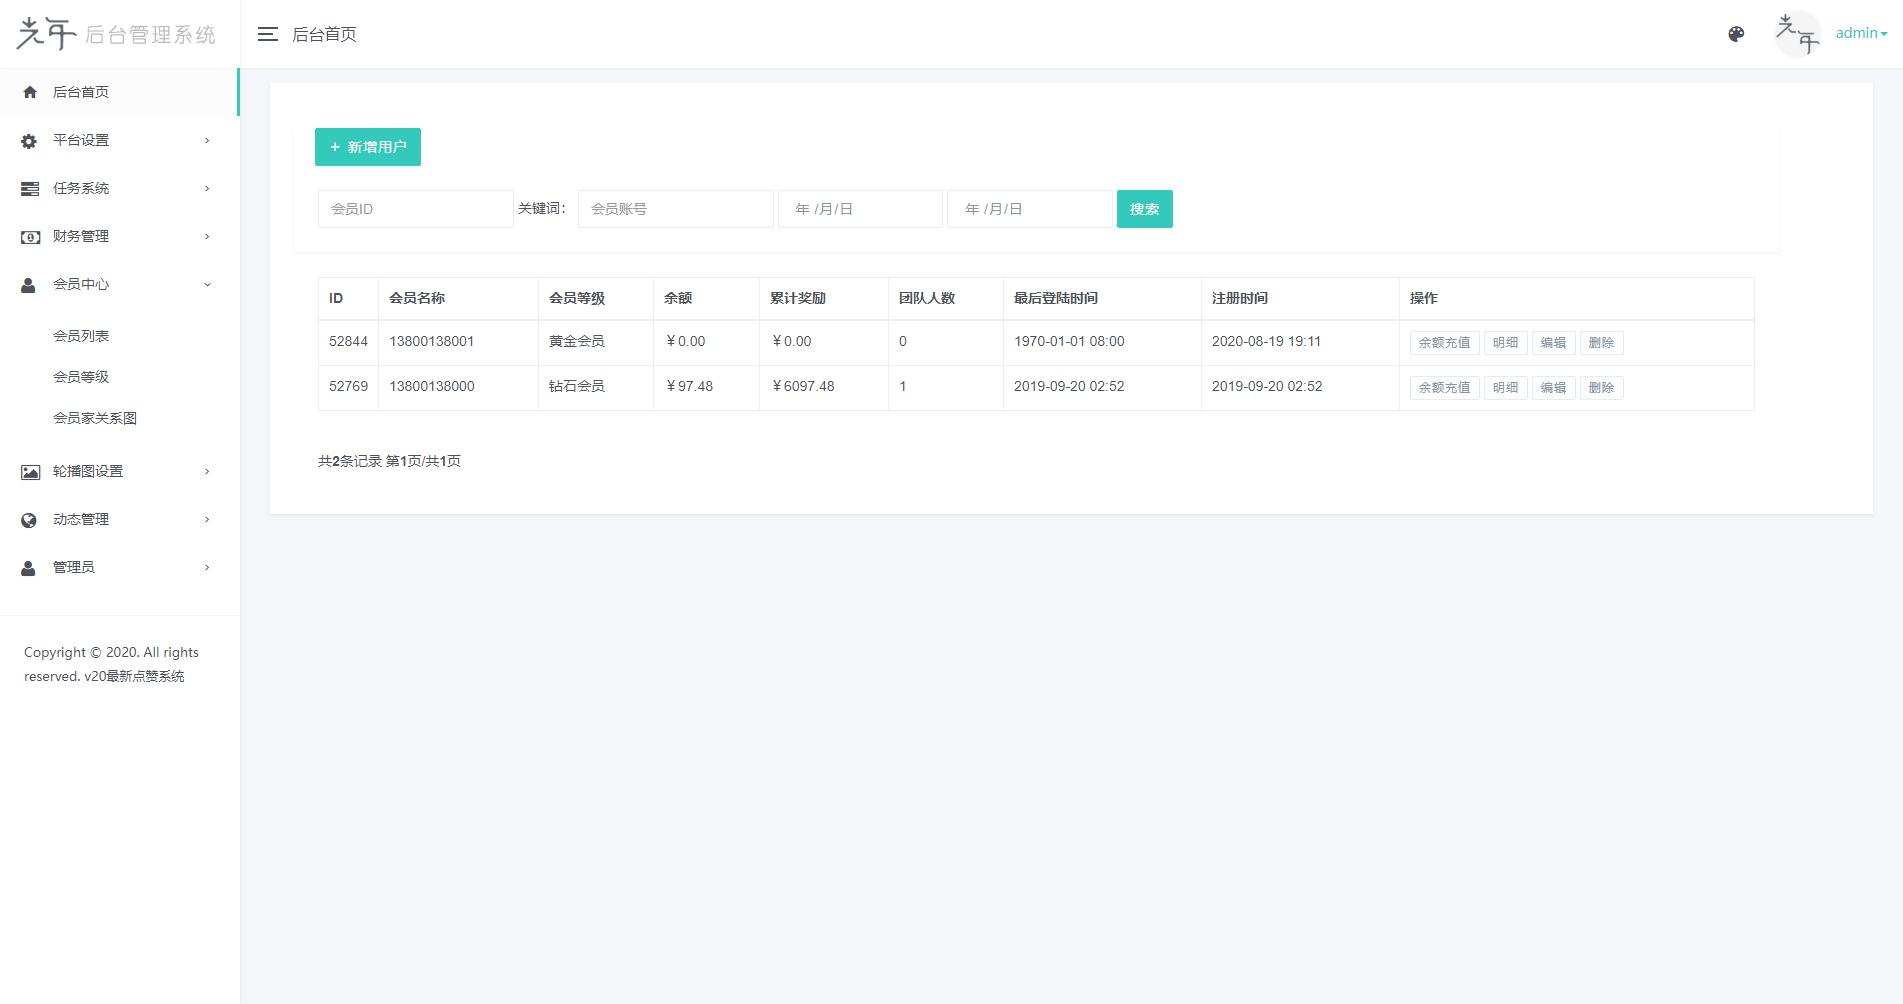 【点赞系统】全新蓝色UI+后台模板[无加密+已清后门]-找主题源码